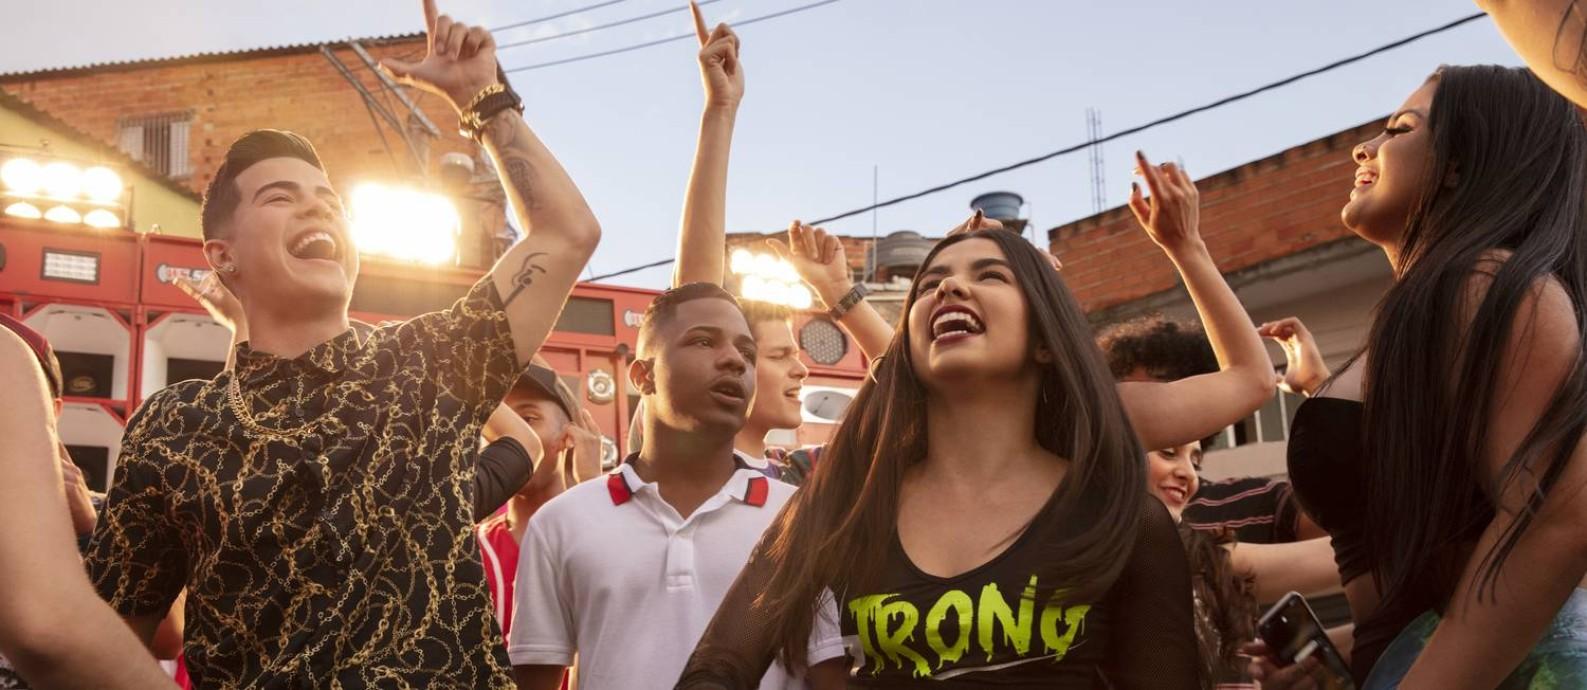 Doni (MC Jottapê), Nando (Christian Malheiros) e Rita (Bruna Mascarenhas) são os amigos de infância que protagonizam a série 'Sintonia', criada por KondZilla Foto: Christian Gaul/Netflix / Christian Gaul/Netflix